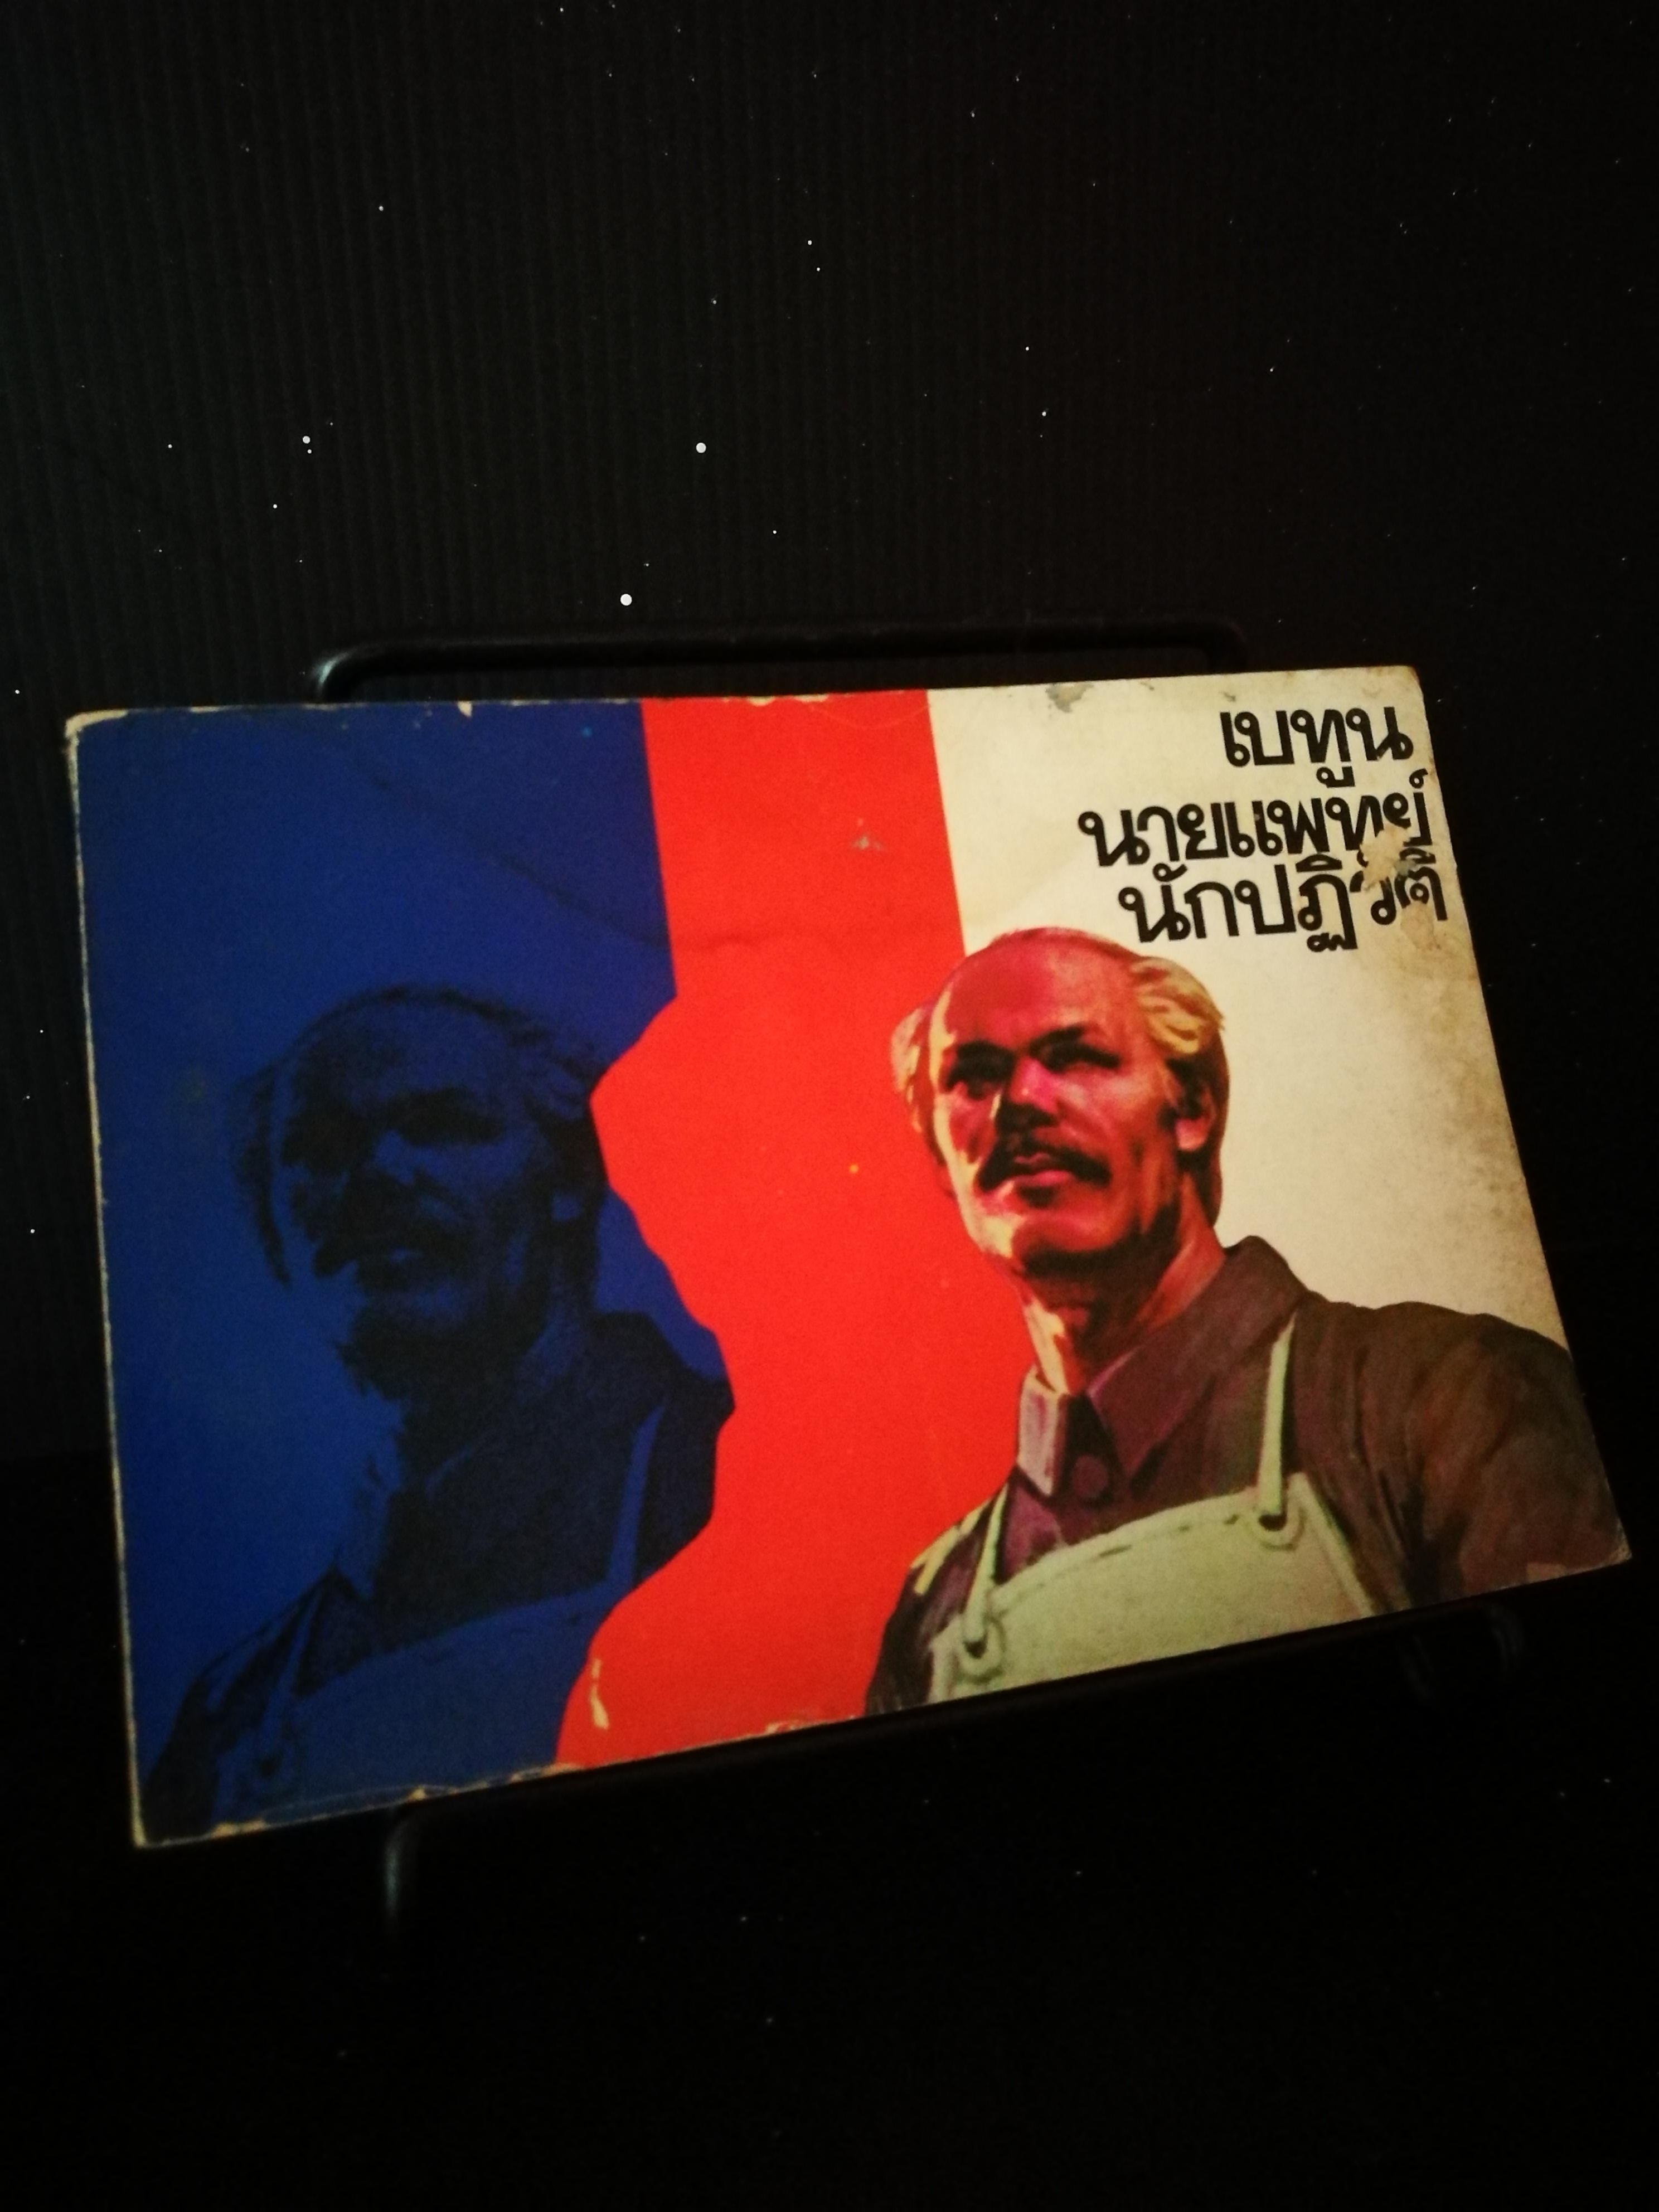 เบทูน นายแพทย์นักปฏิวัติ - หนังสือต้องห้าม